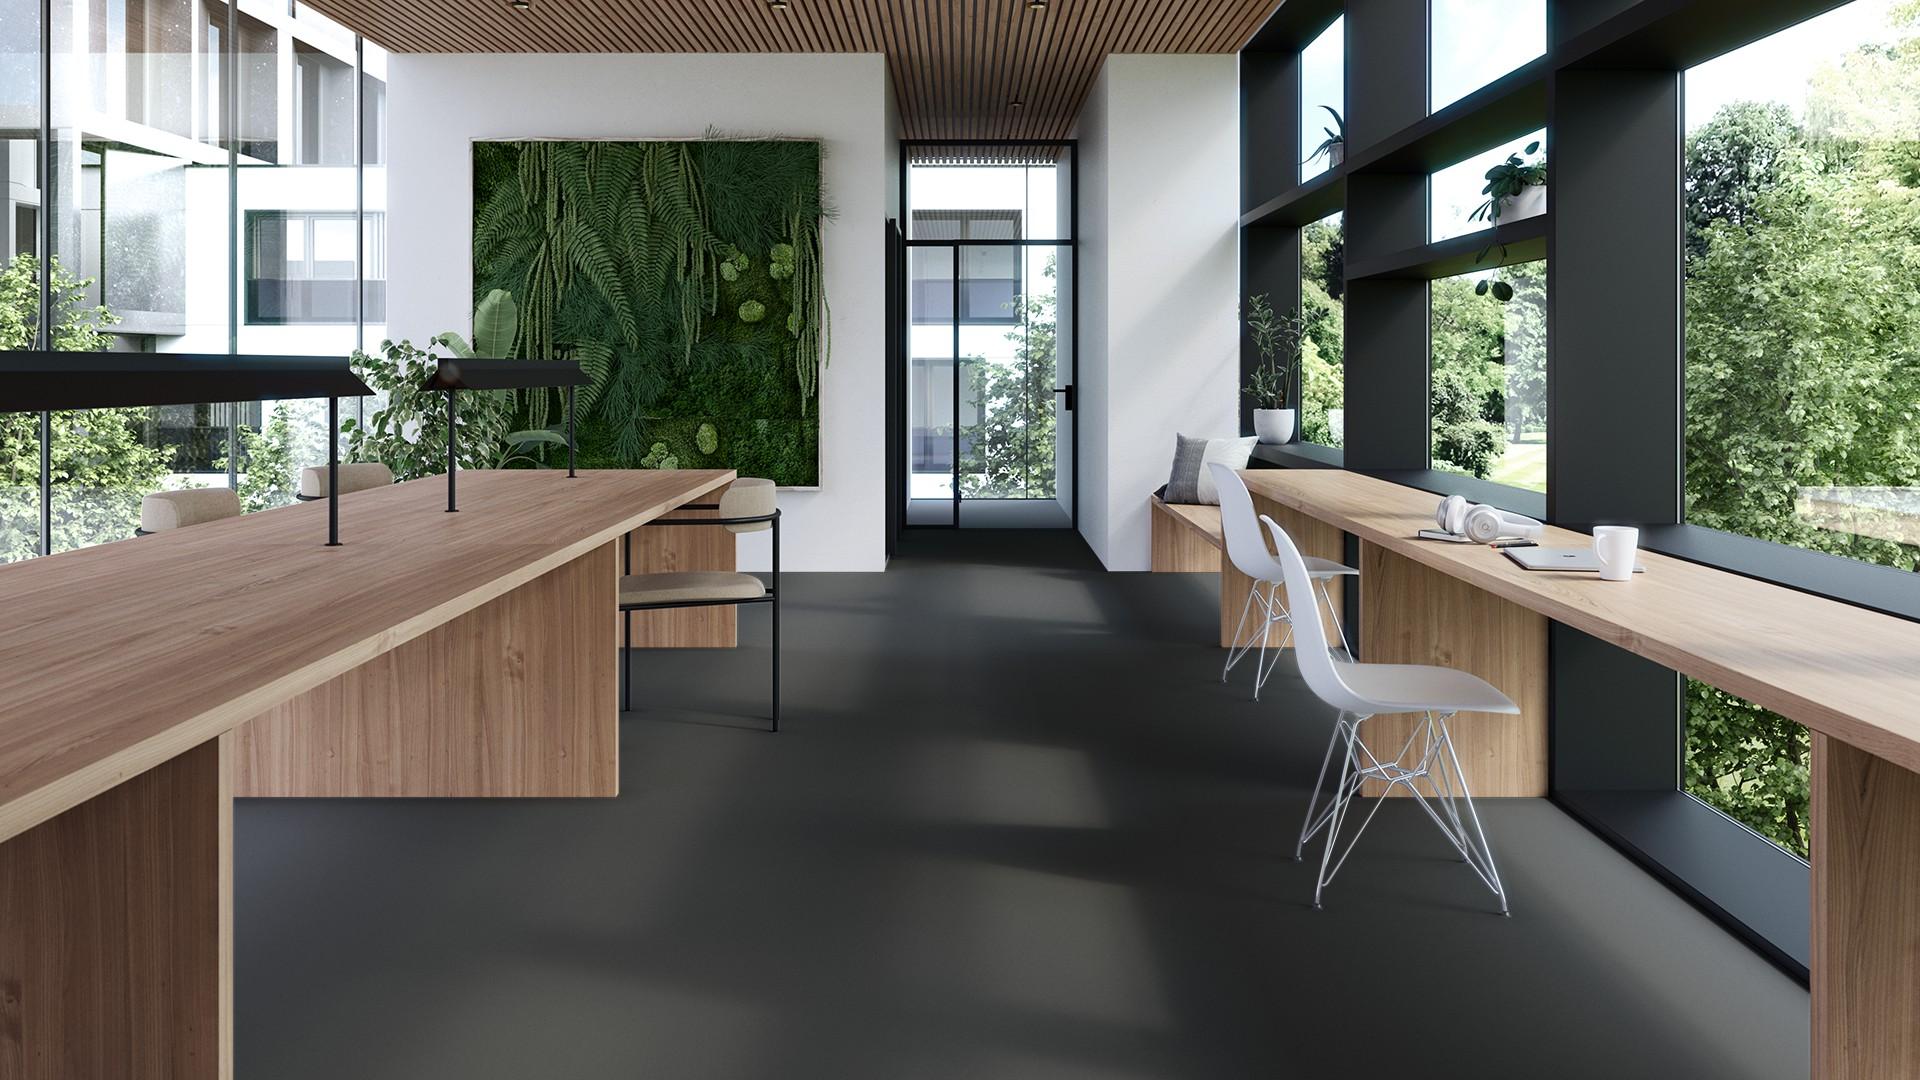 Texture wt vert de poussiere RoowView 4